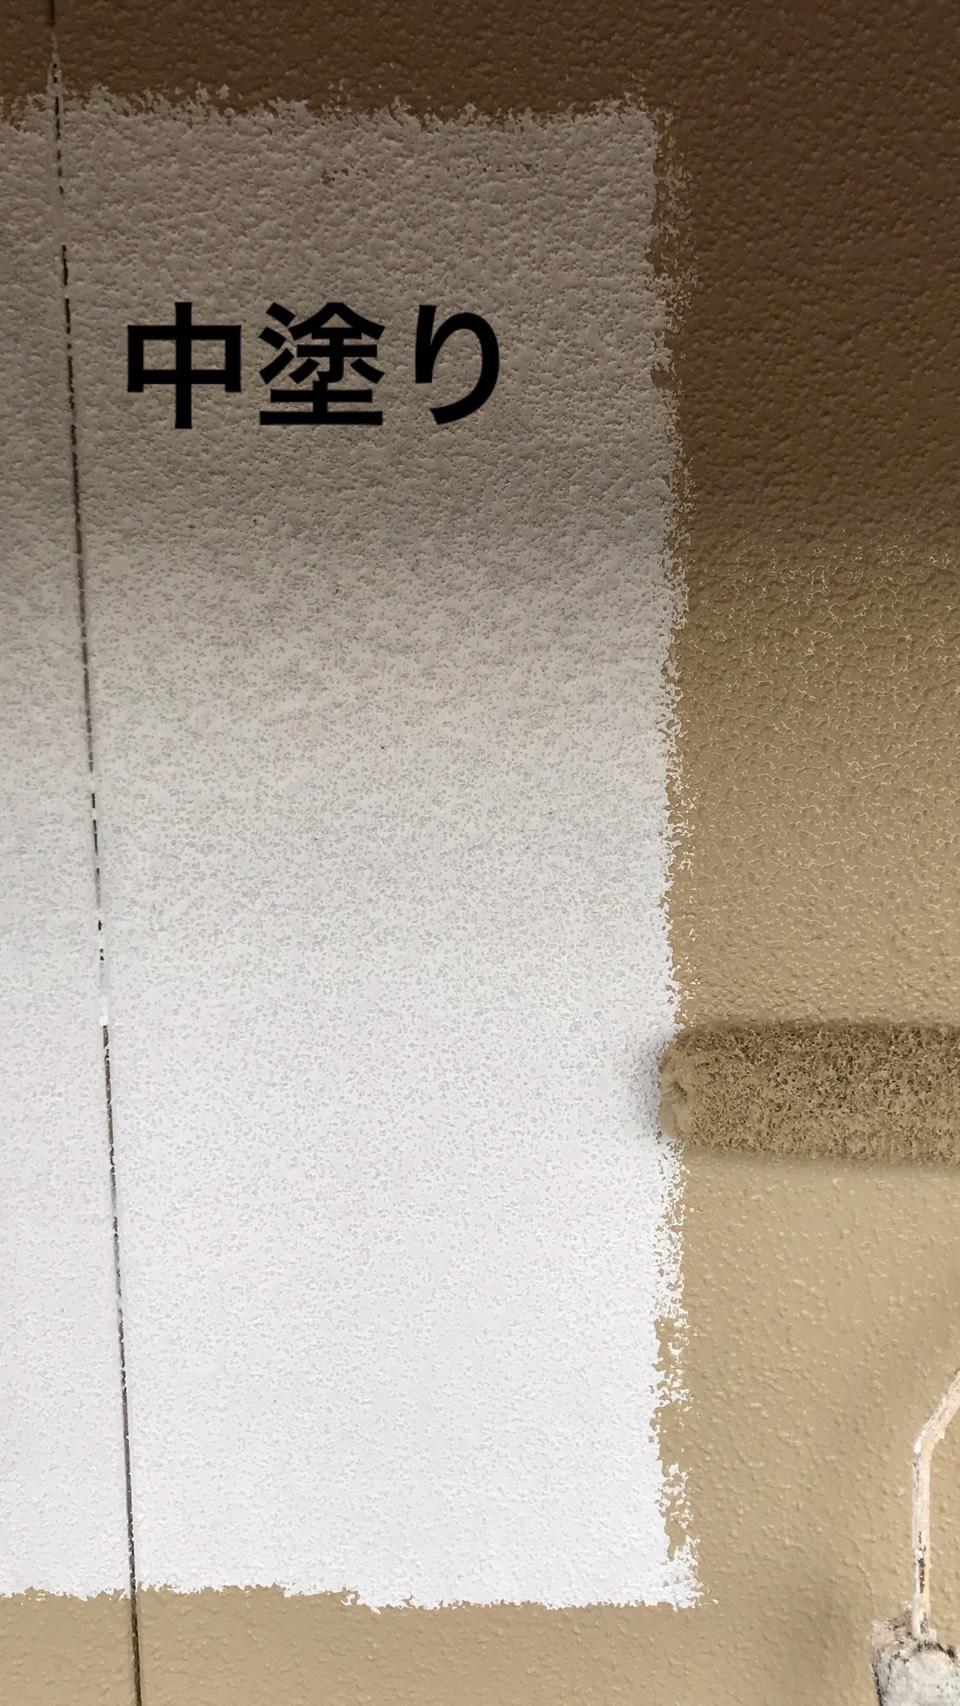 茂原市Y様邸外壁塗装工事